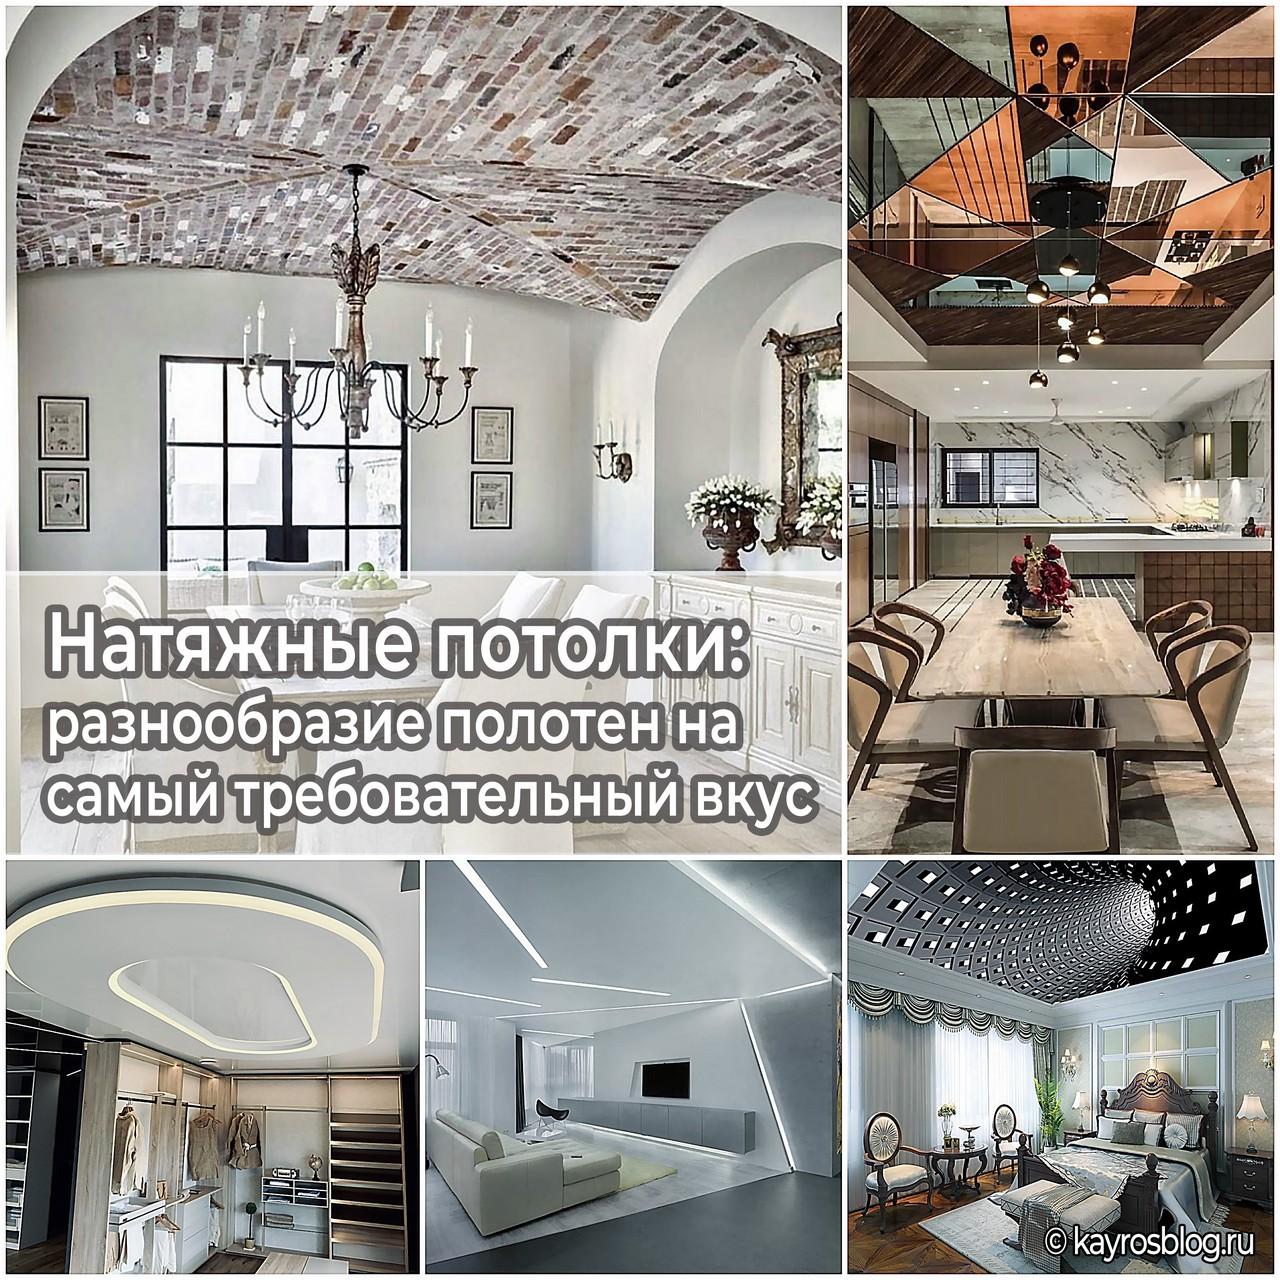 Натяжные потолки: разнообразие полотен на самый требовательный вкус